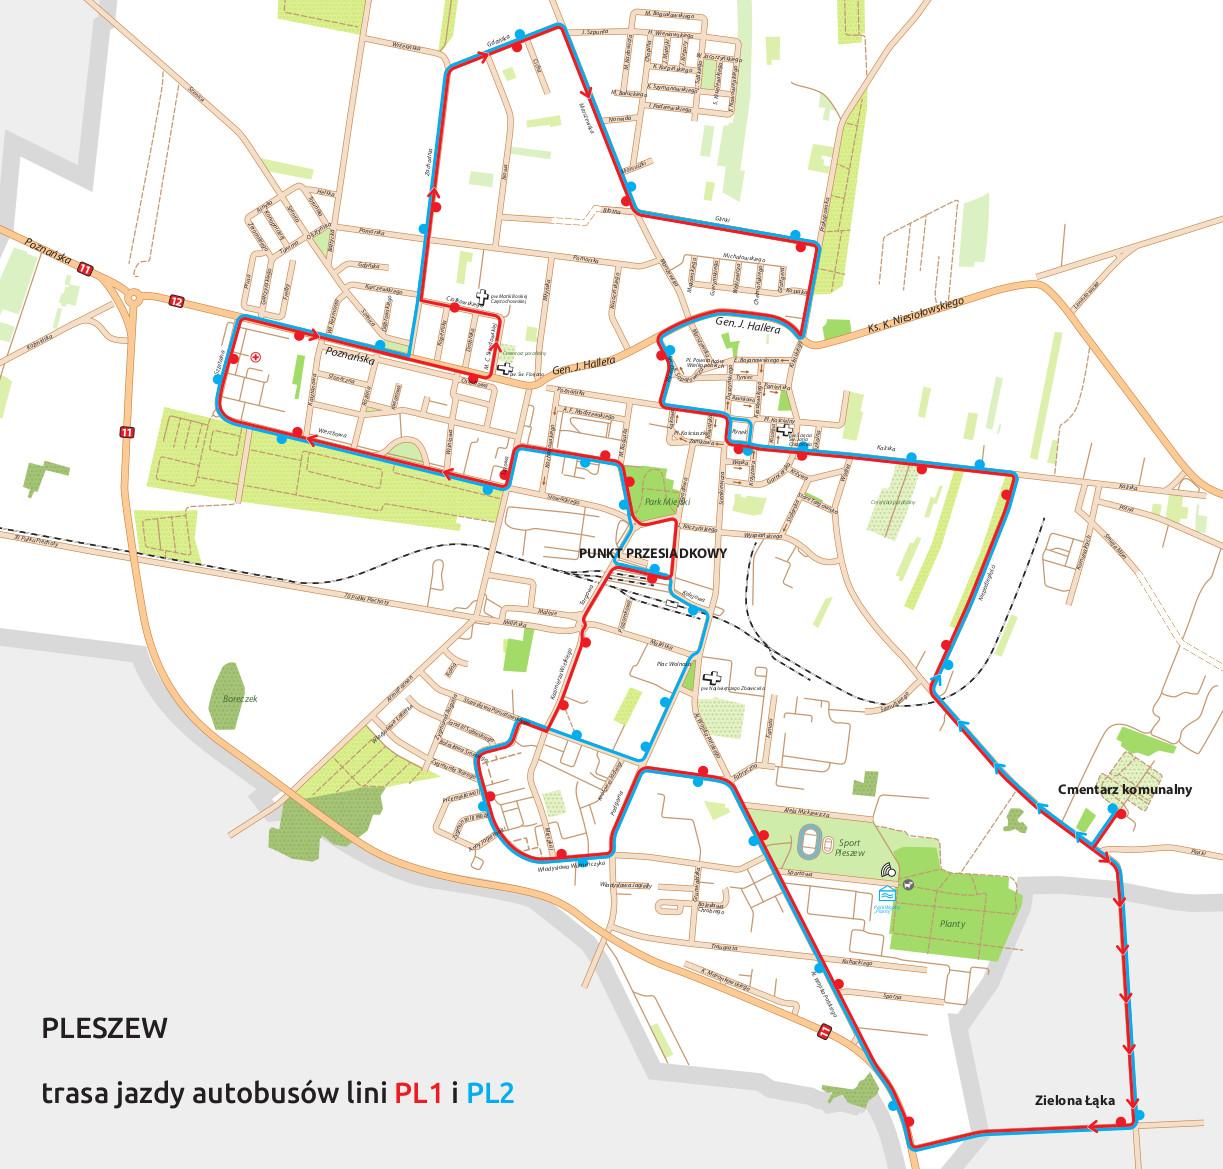 Grafika przedstawia przebieg trasy autobusów na mapie miasta